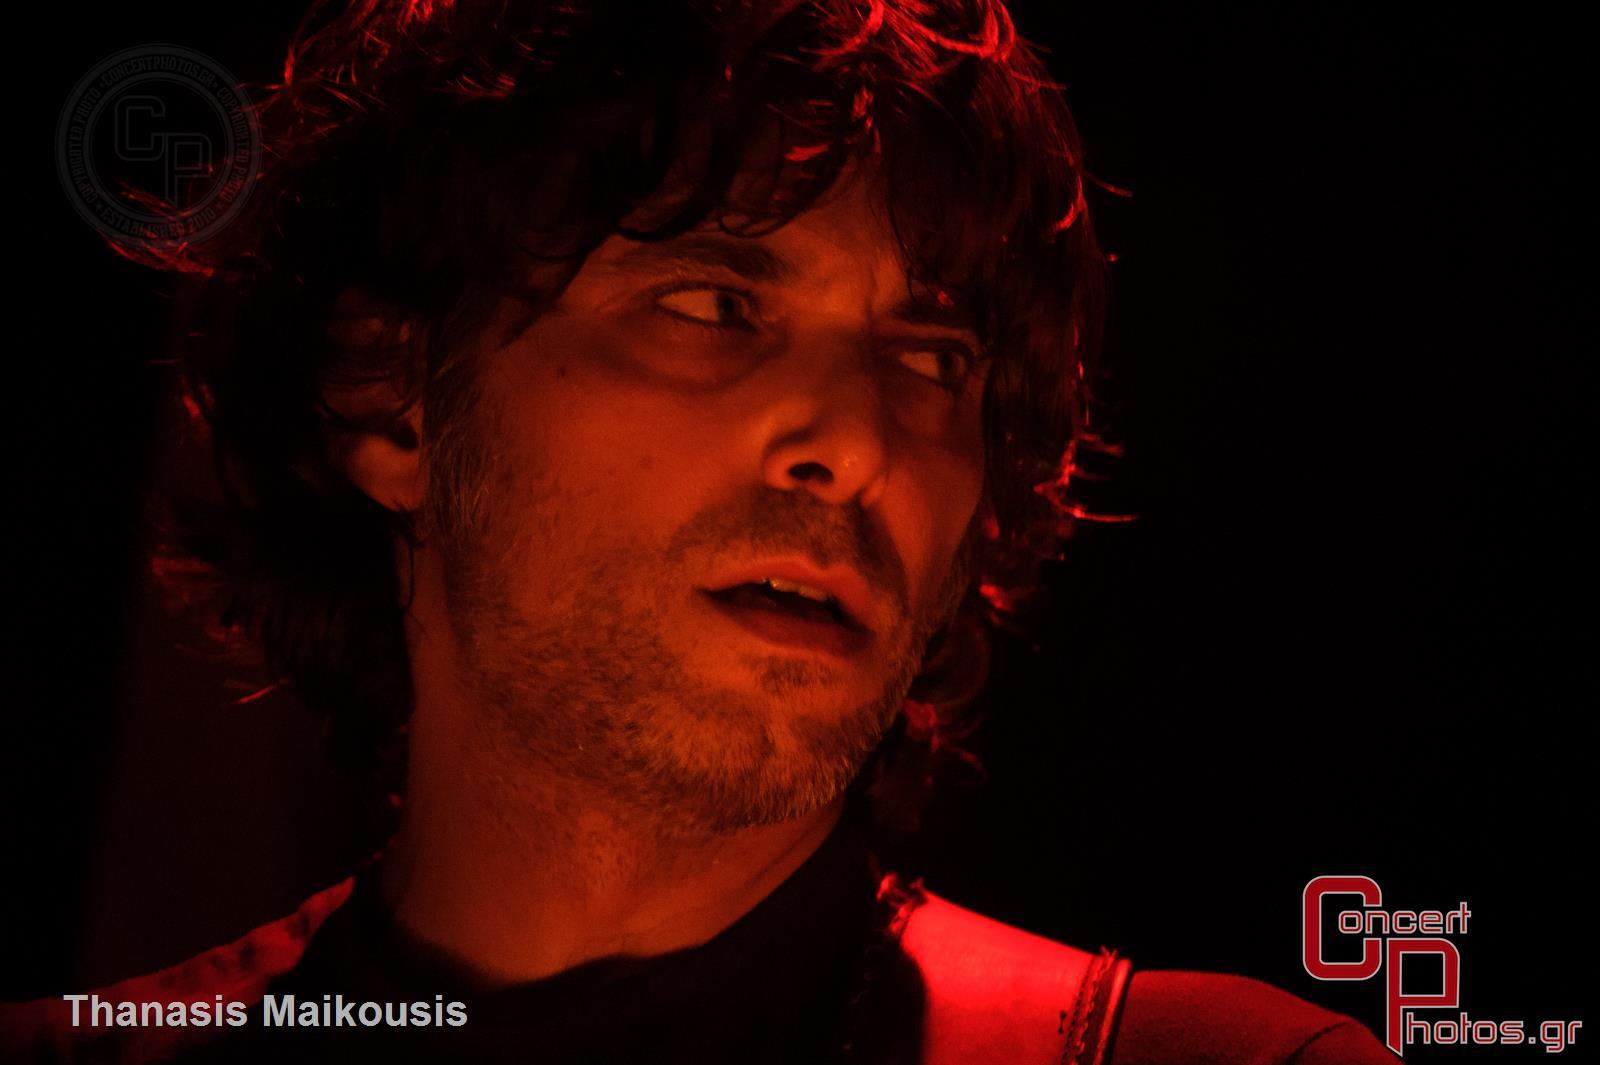 Παύλος Παυλίδης-Pavlidis-stage-volume1 photographer: Thanasis Maikousis - concertphotos_20140611_22_14_18